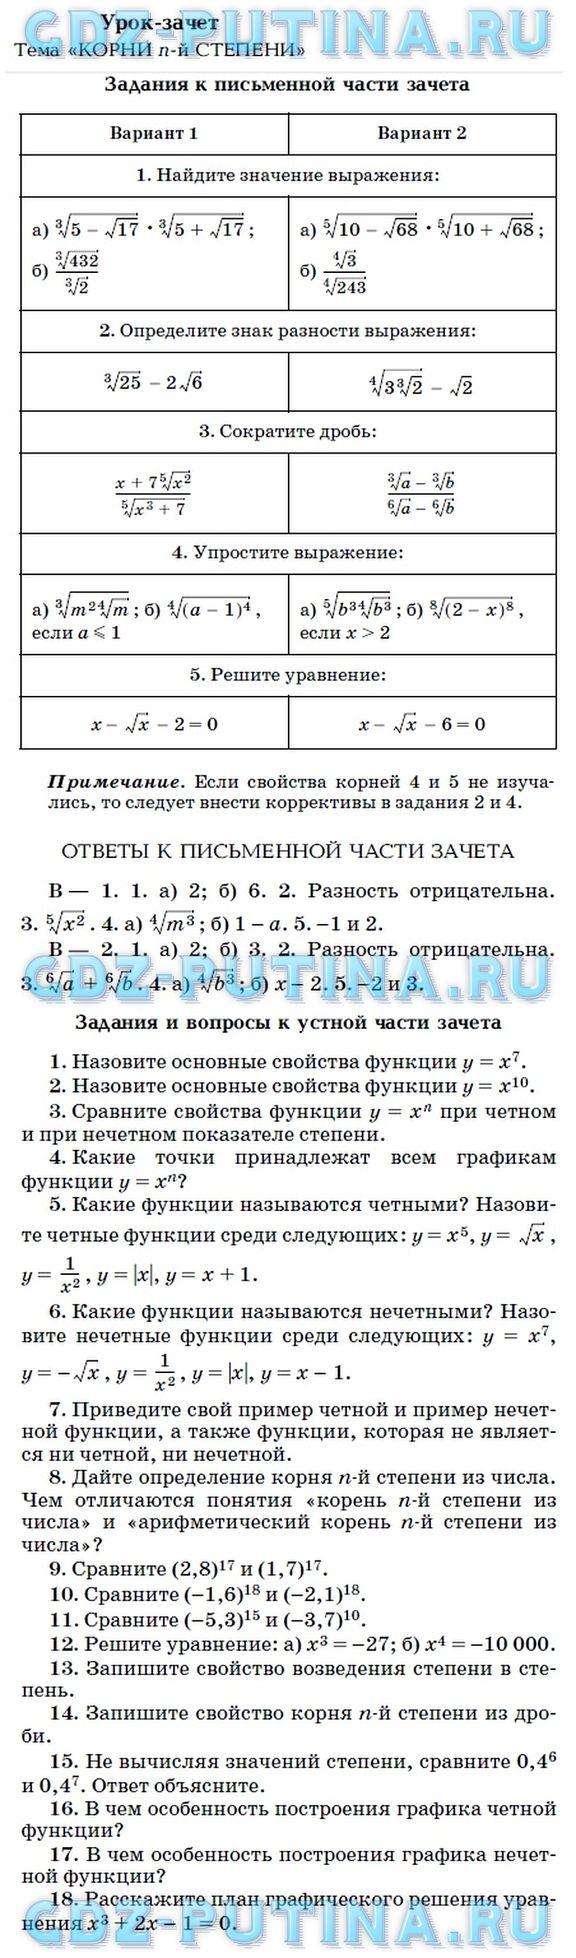 Гдз по алгебре зачет